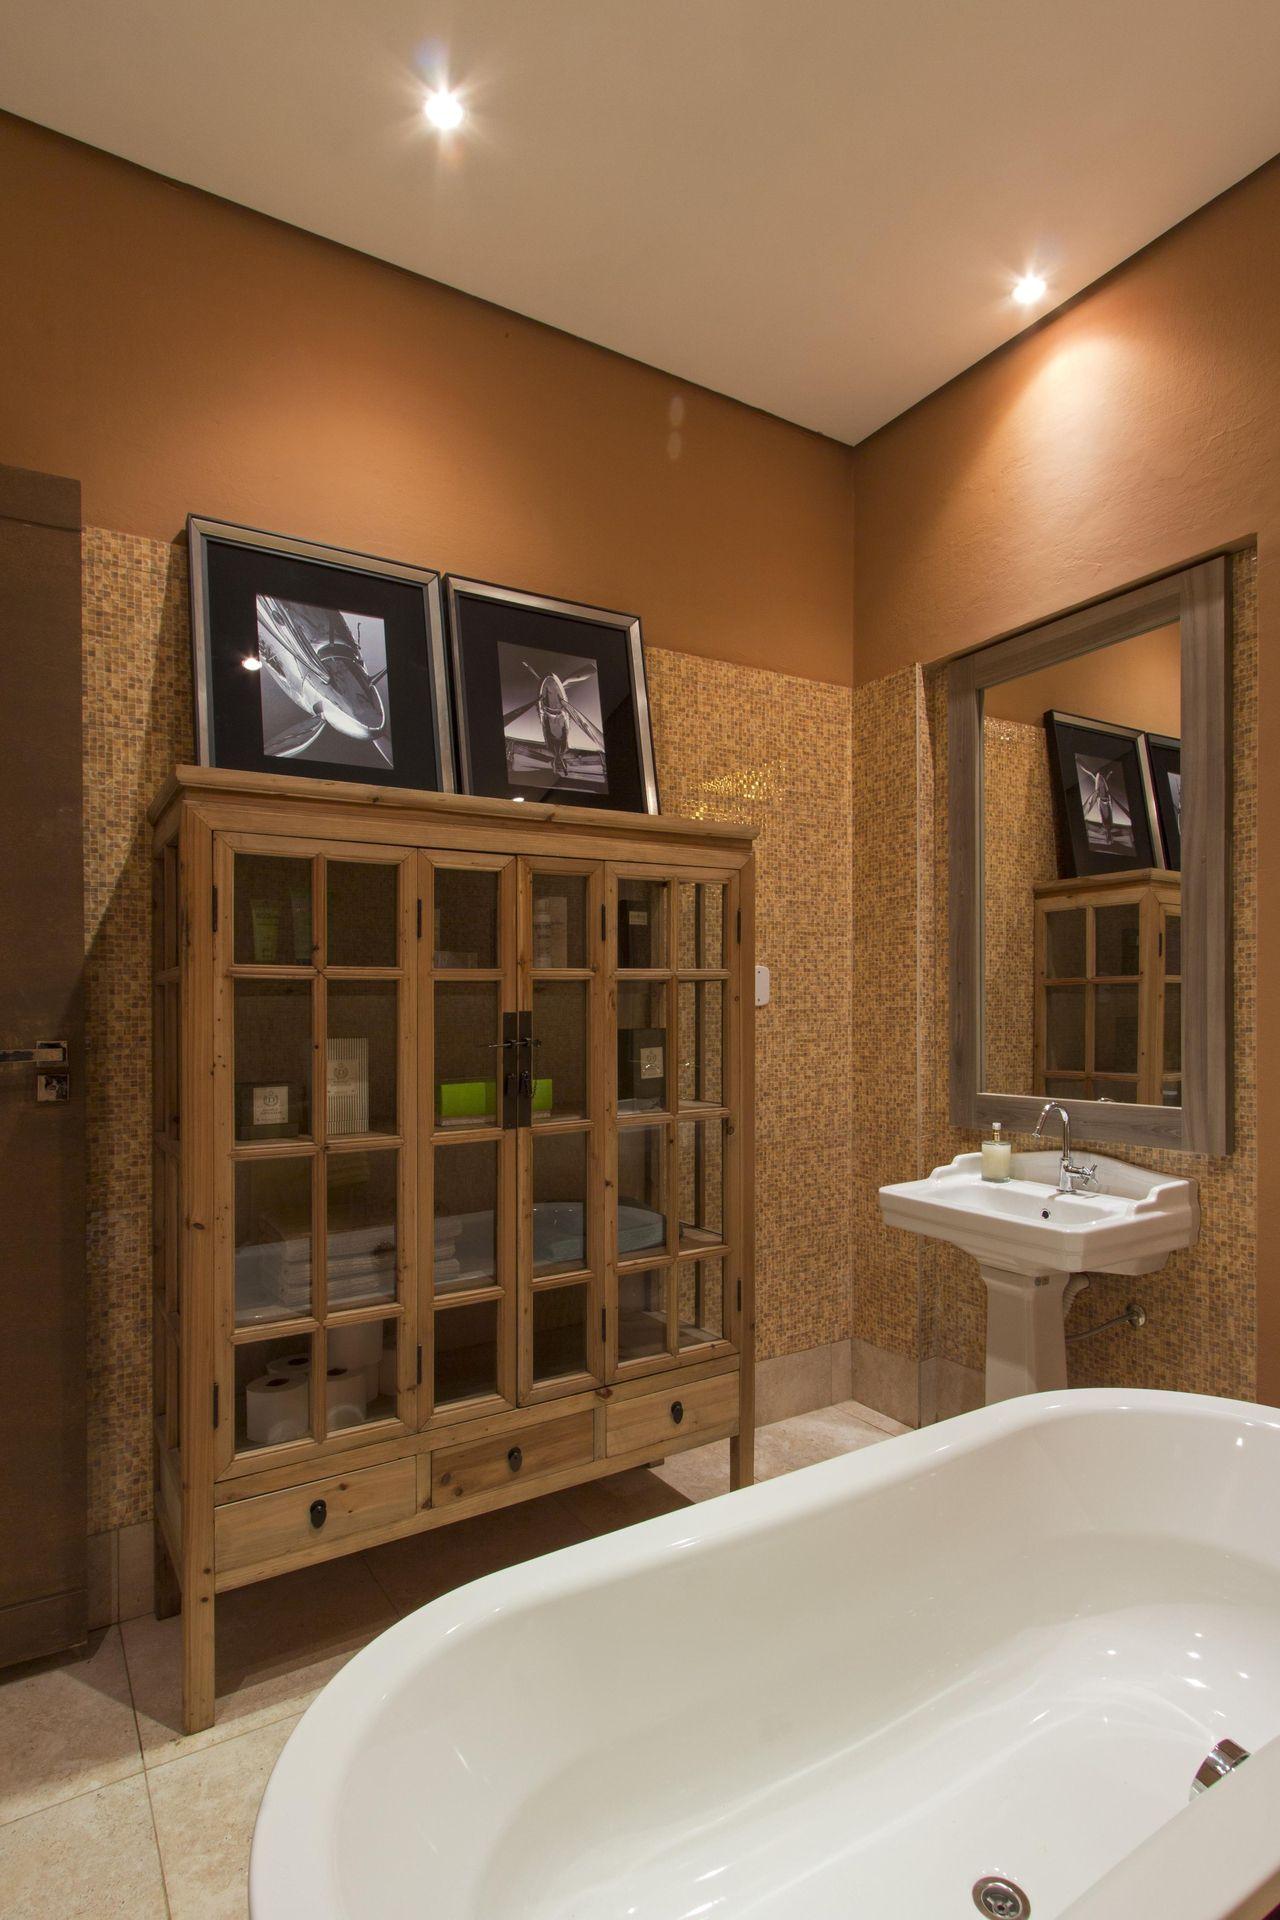 Artesanato Verefazer ~ Banheiro com armário de Madeira e porta de Vidro de Joel Caetano Paes 57969 no Viva Decora